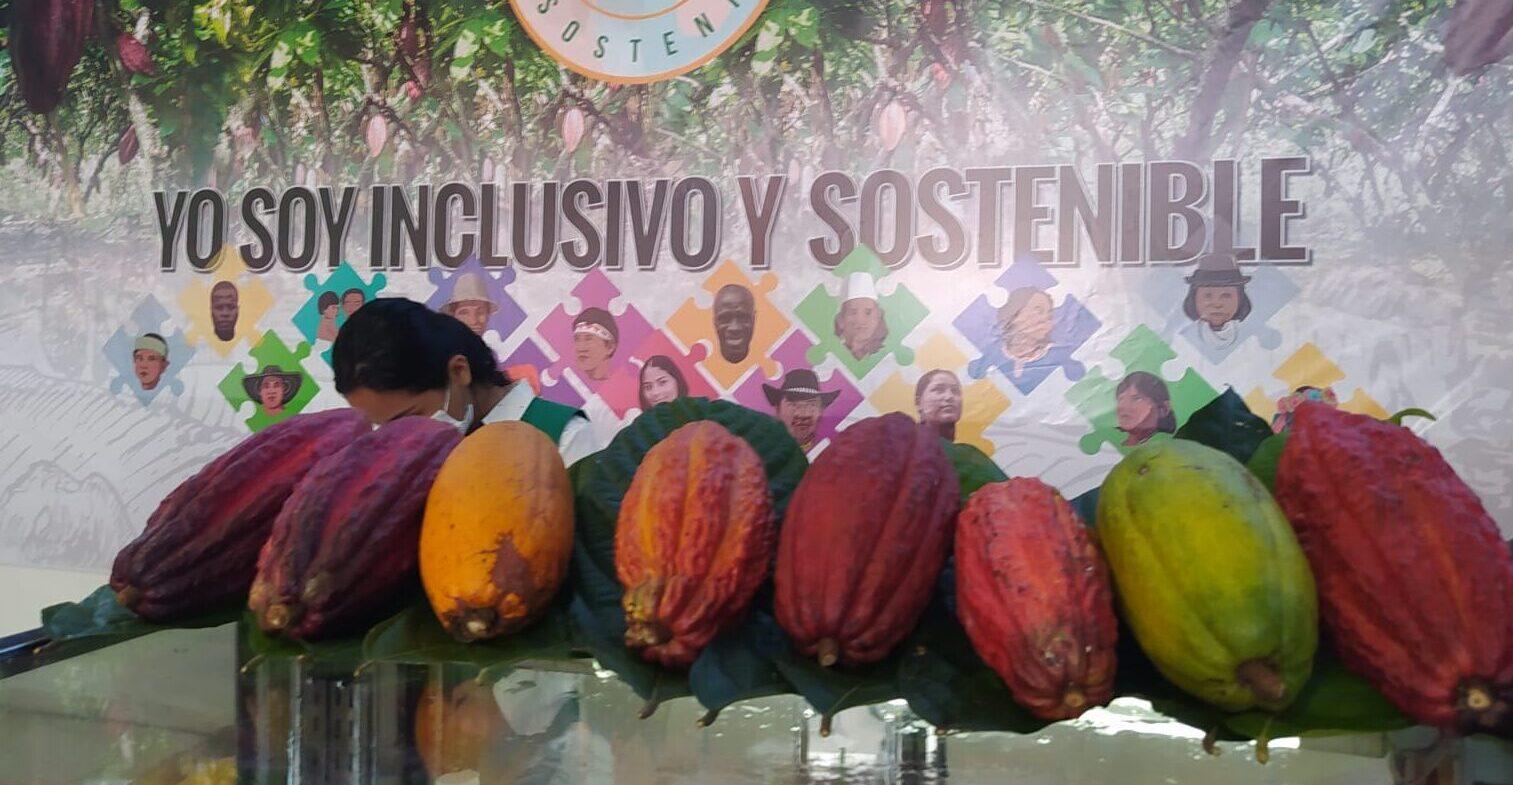 Suiza le apuesta al cacao sostenible huilense